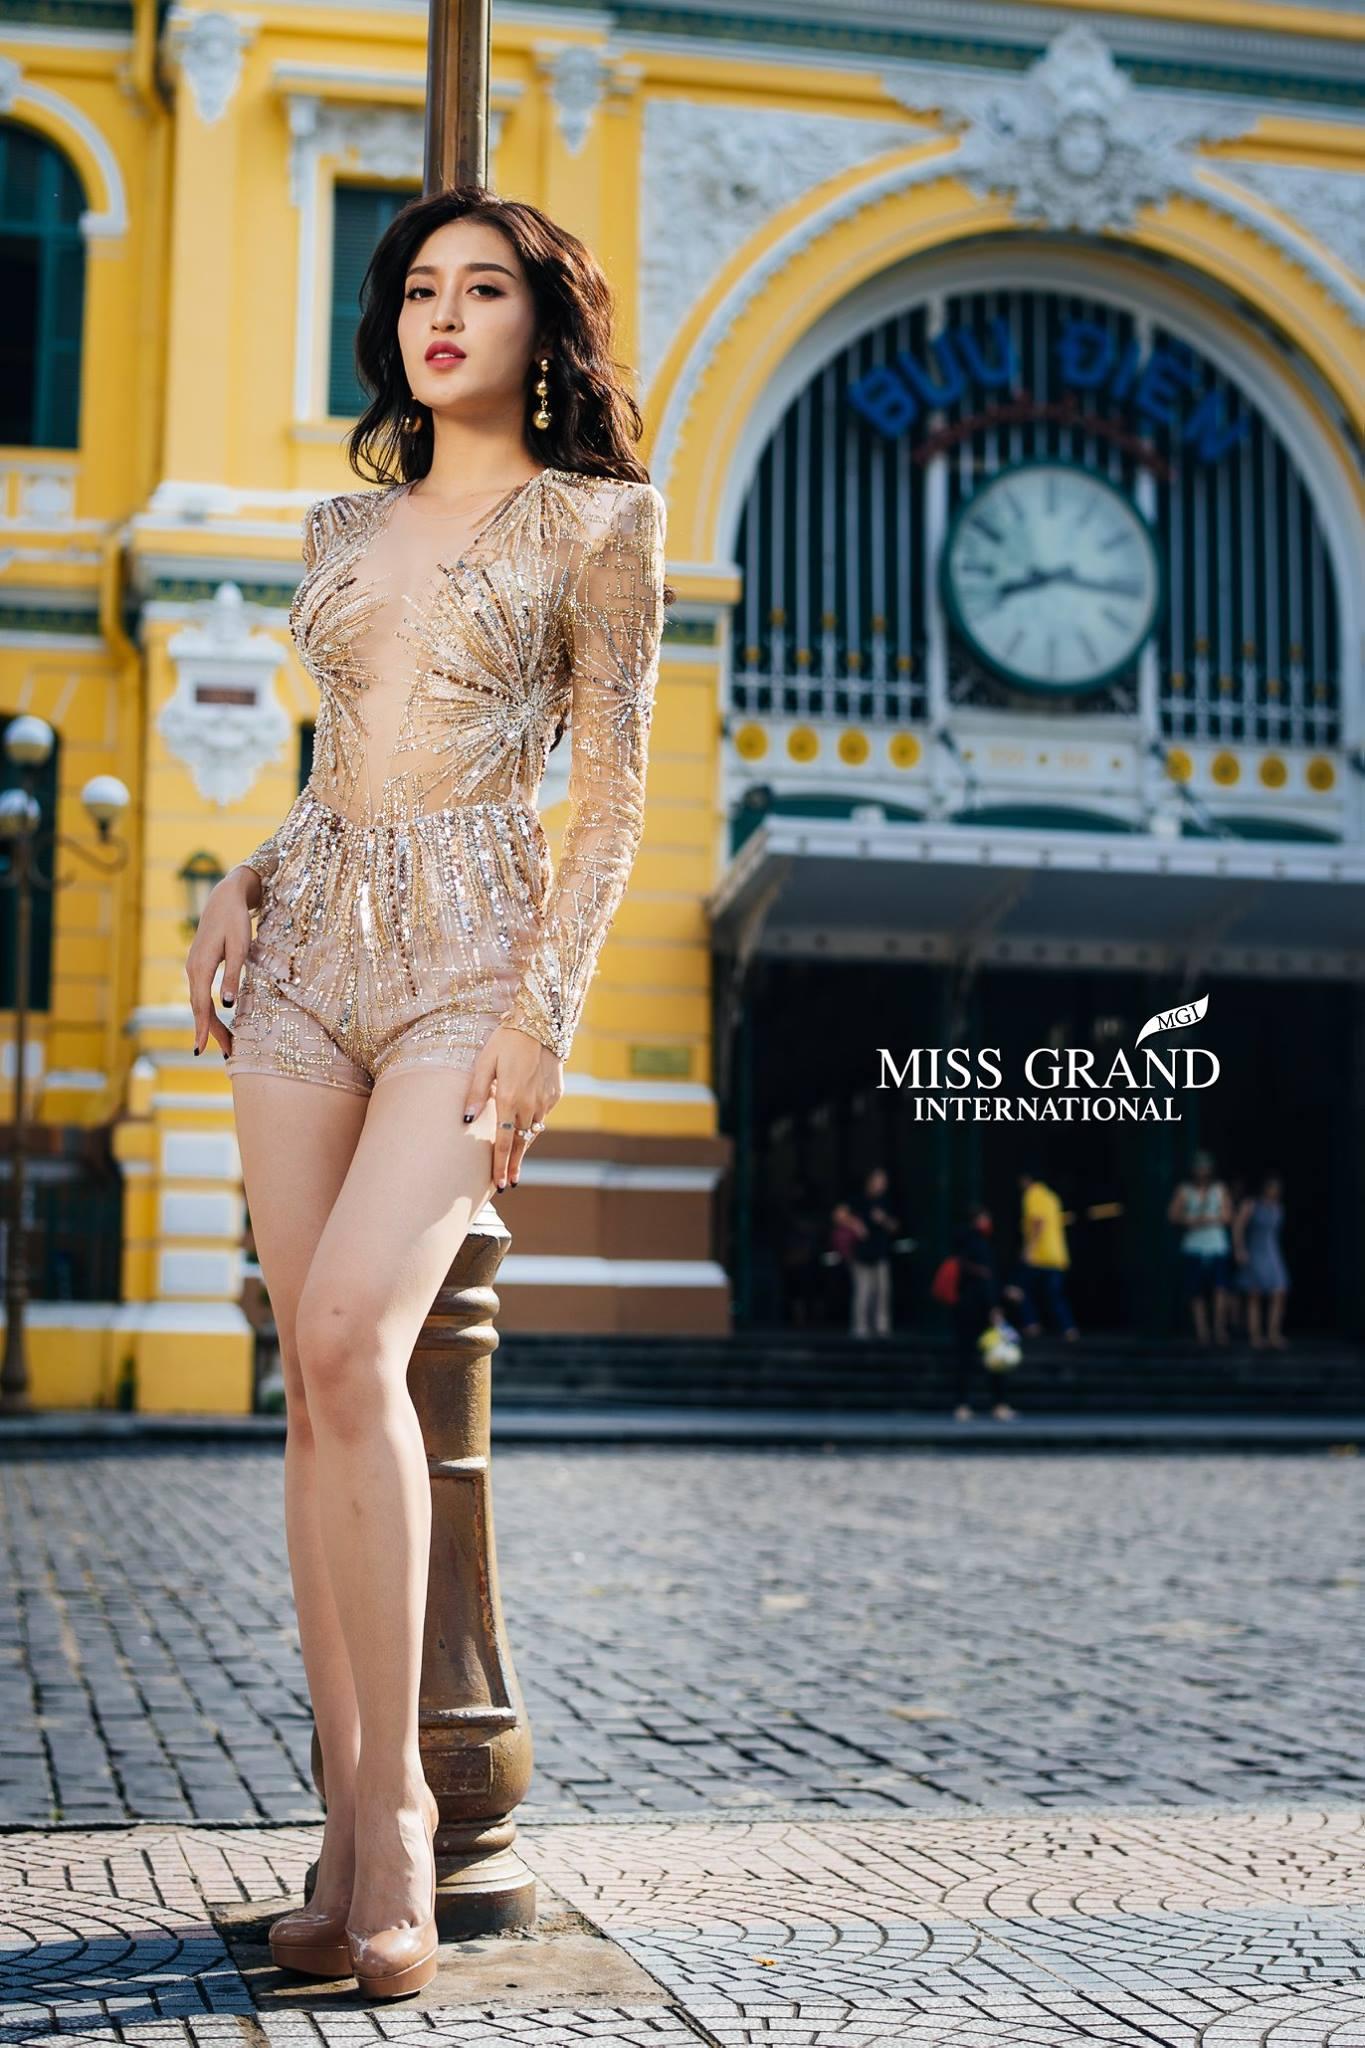 Nhanh chóng lấy lại phong độ, Huyền My quay trở lại top 10 bình chọn của Miss Grand International 2017 - Ảnh 1.